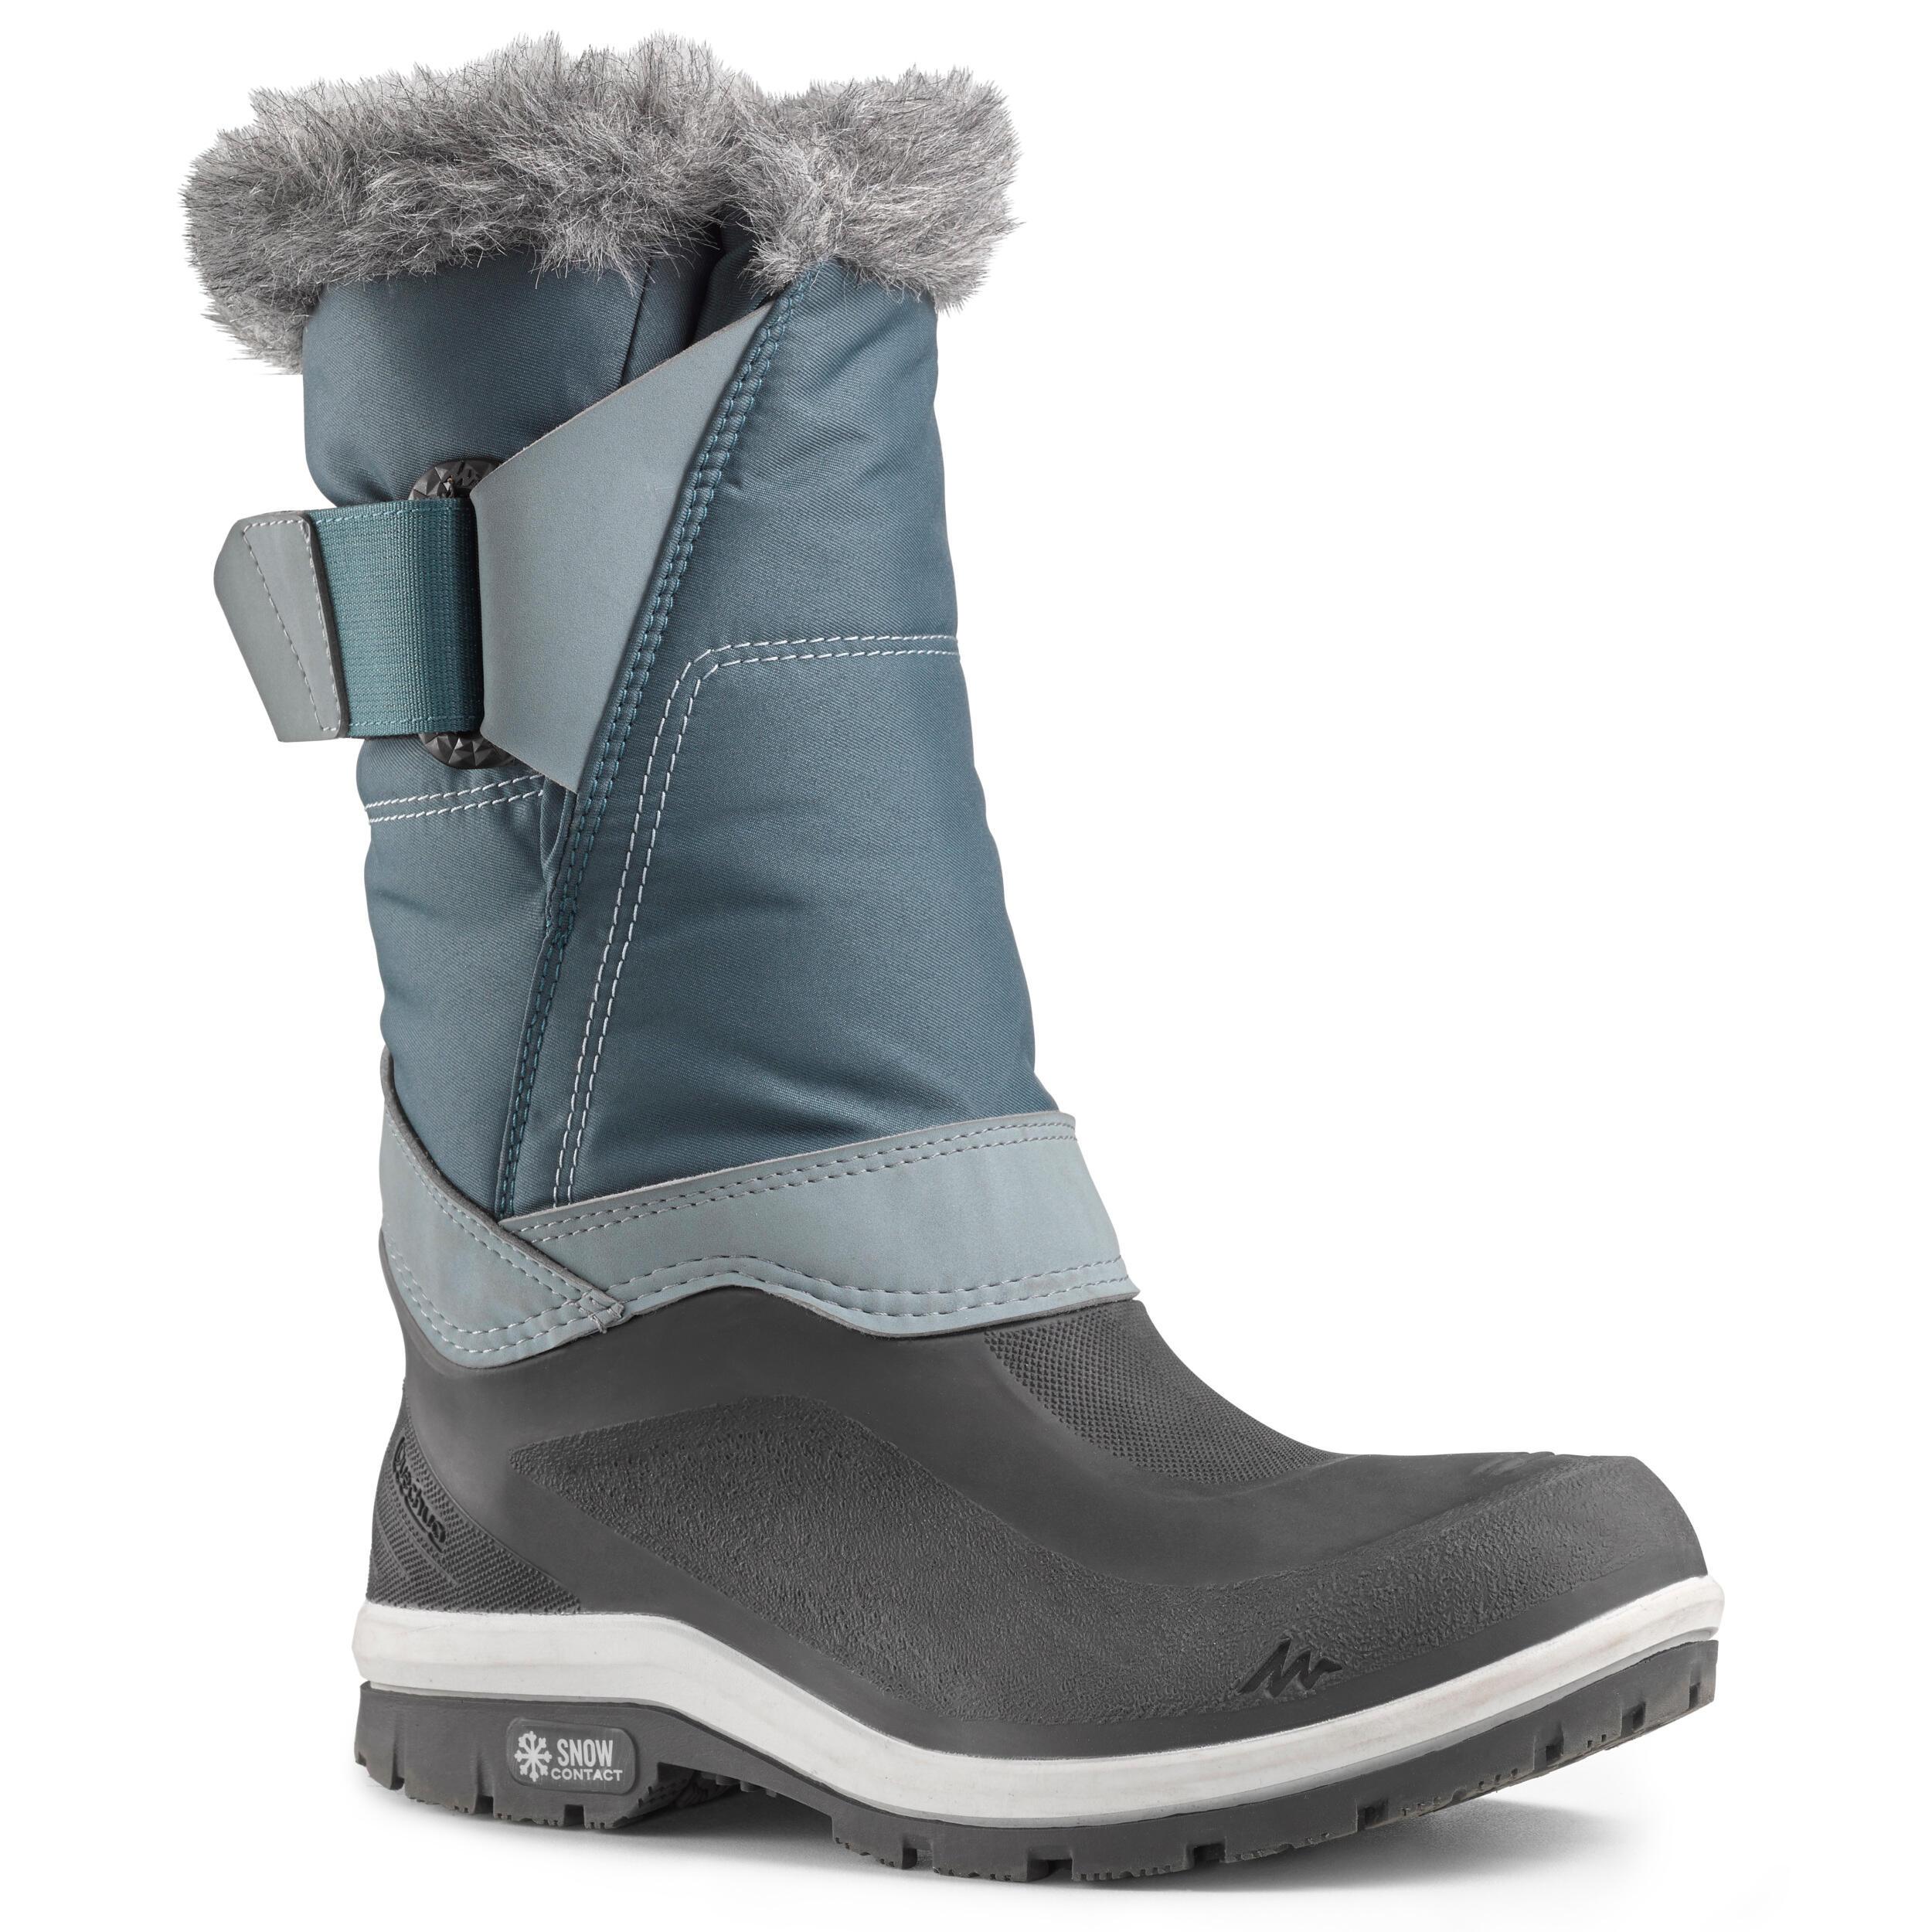 Bottes de randonnée neige femme SH500 x,warm ice